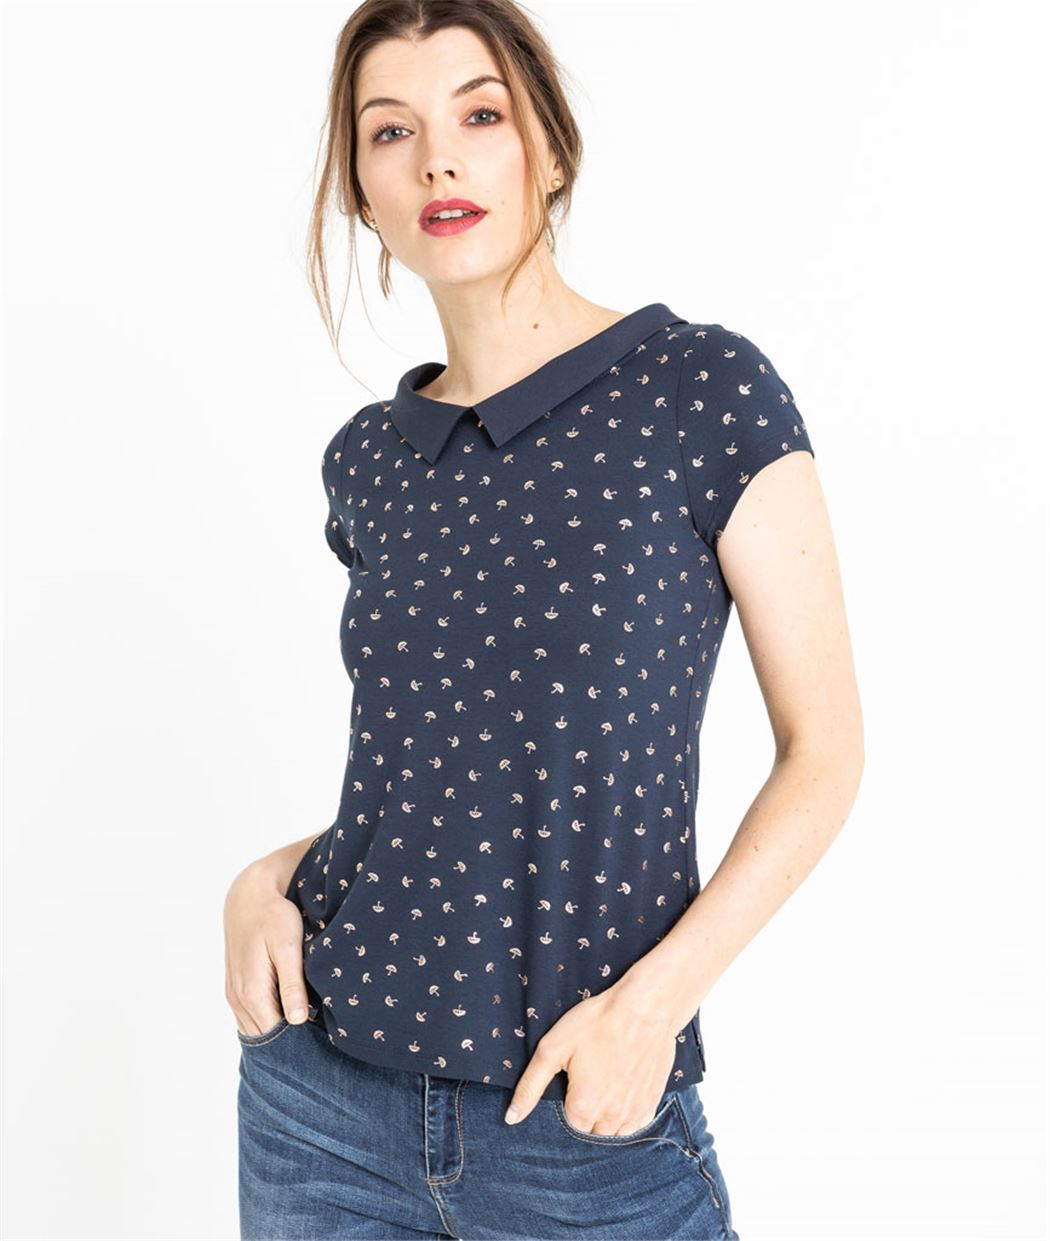 T-shirt femme imprimé parapluies MARINE